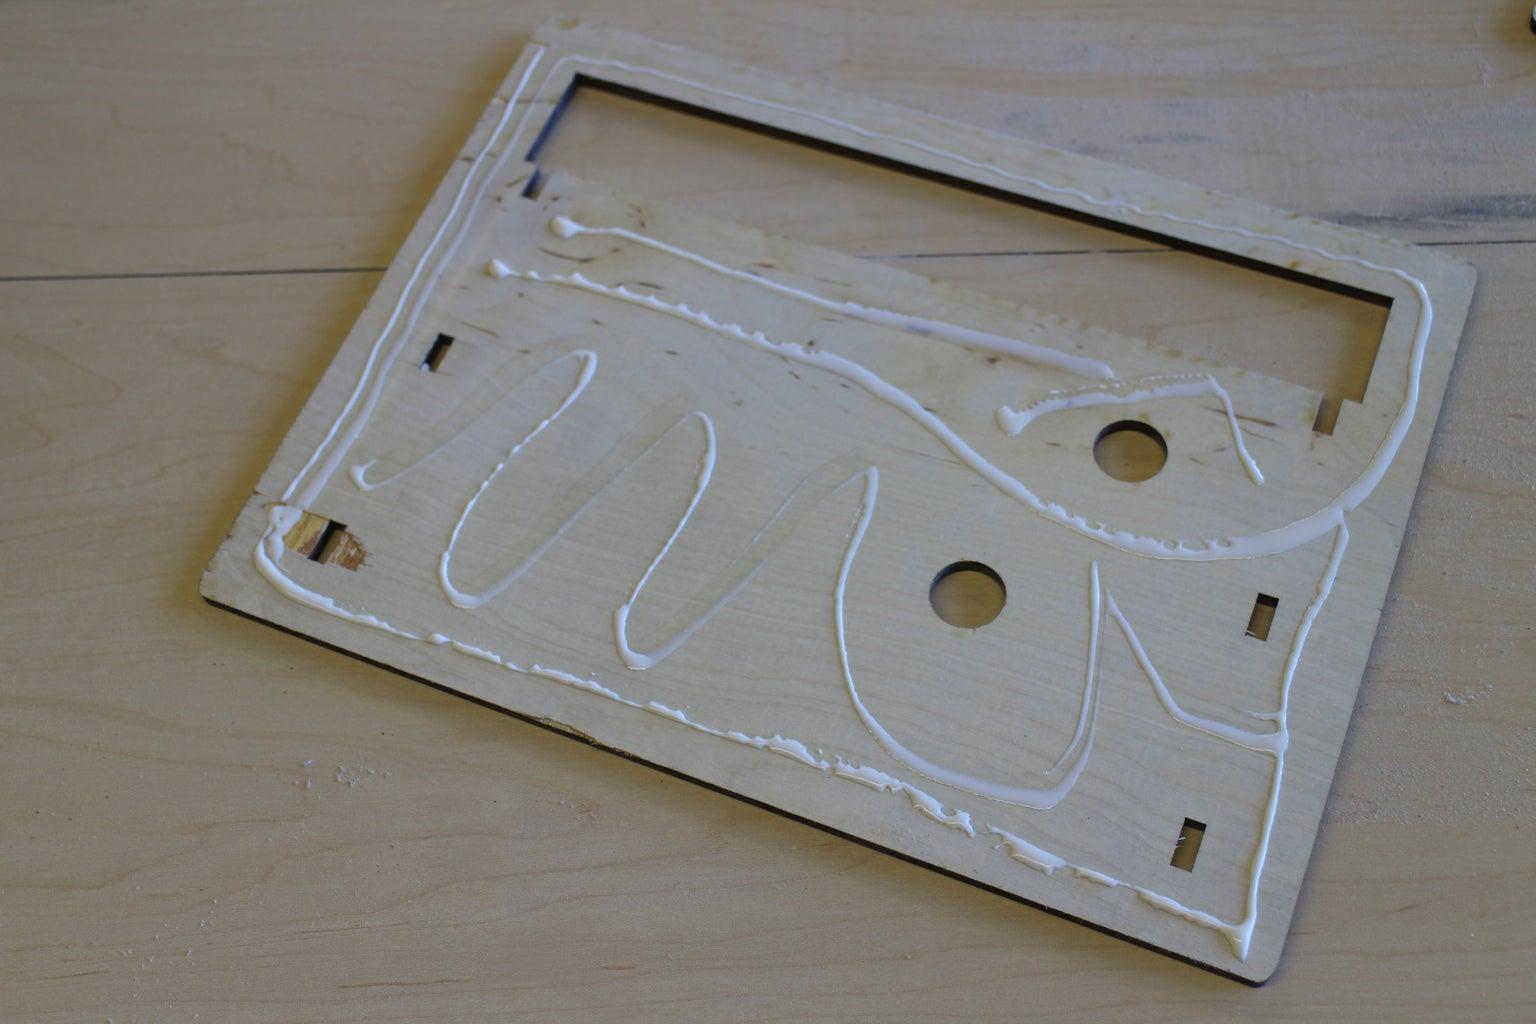 Glue the Frame